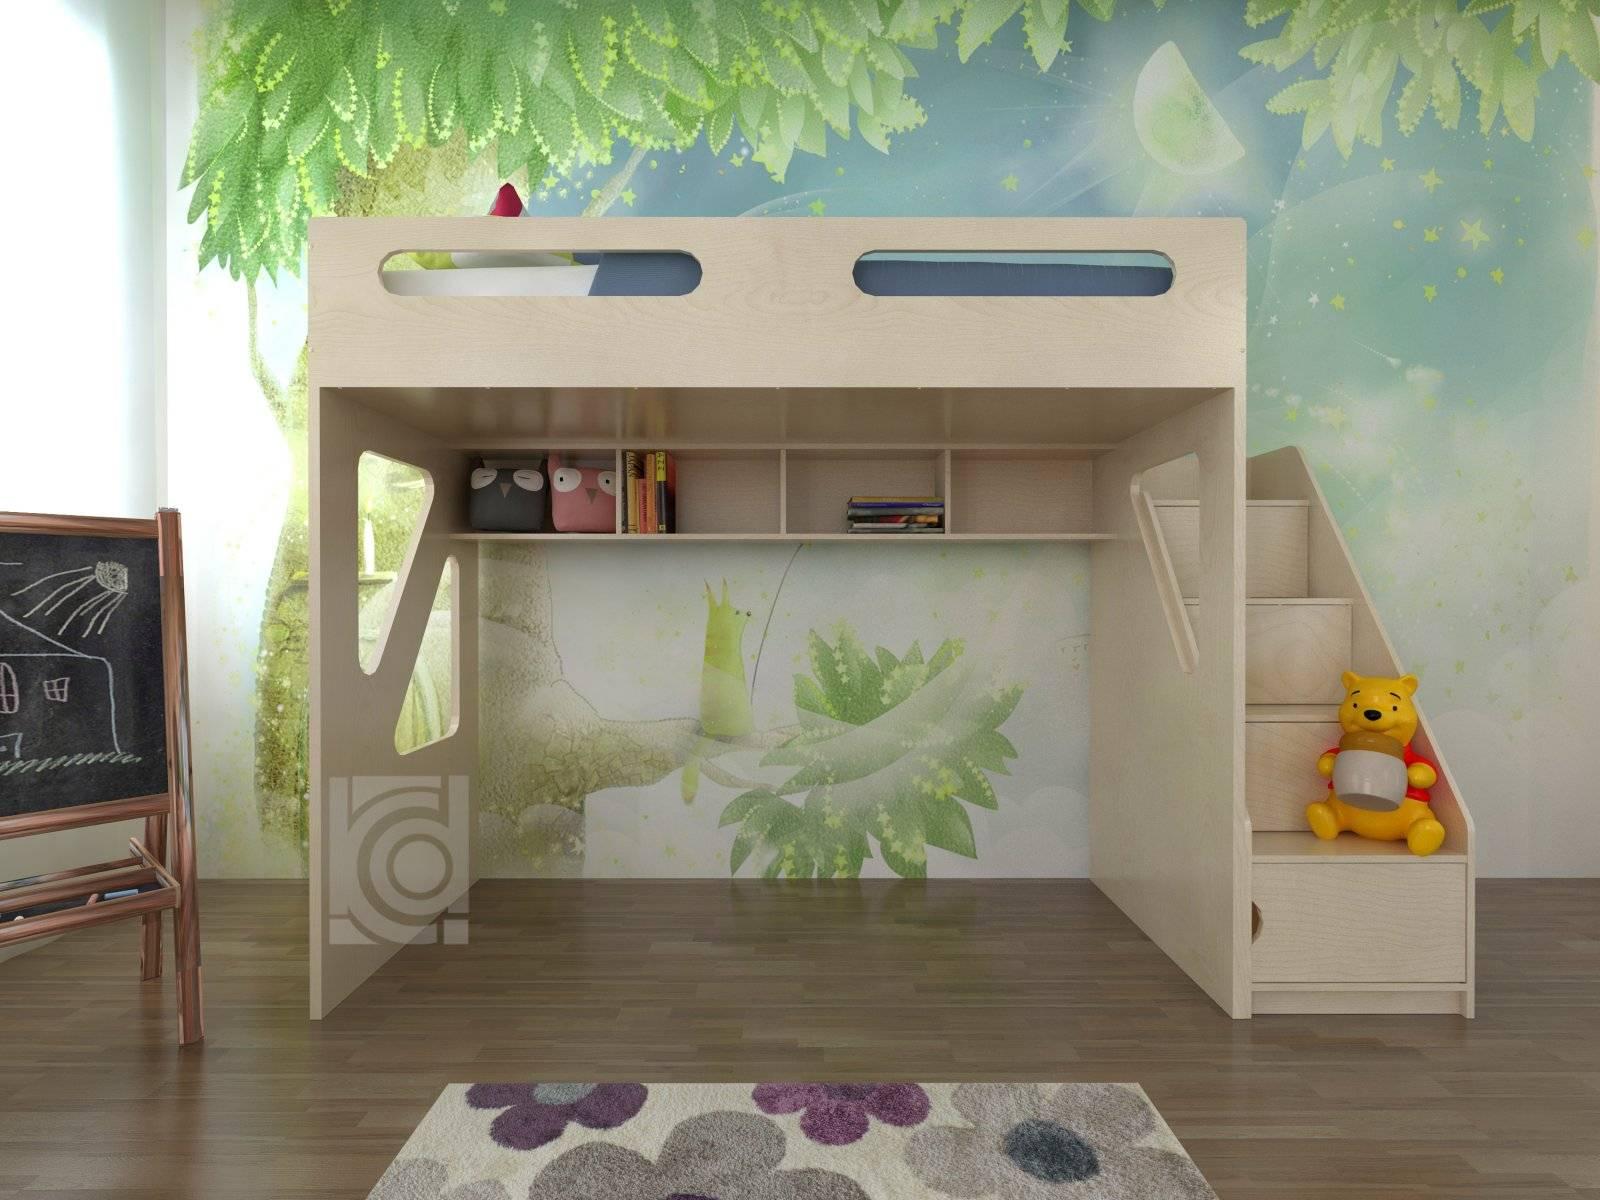 ᐈ  ???? ???? кровать чердак в интерьере разных комнат 45 фото | ⭐ 2020 дизайн интерьера a-r-s